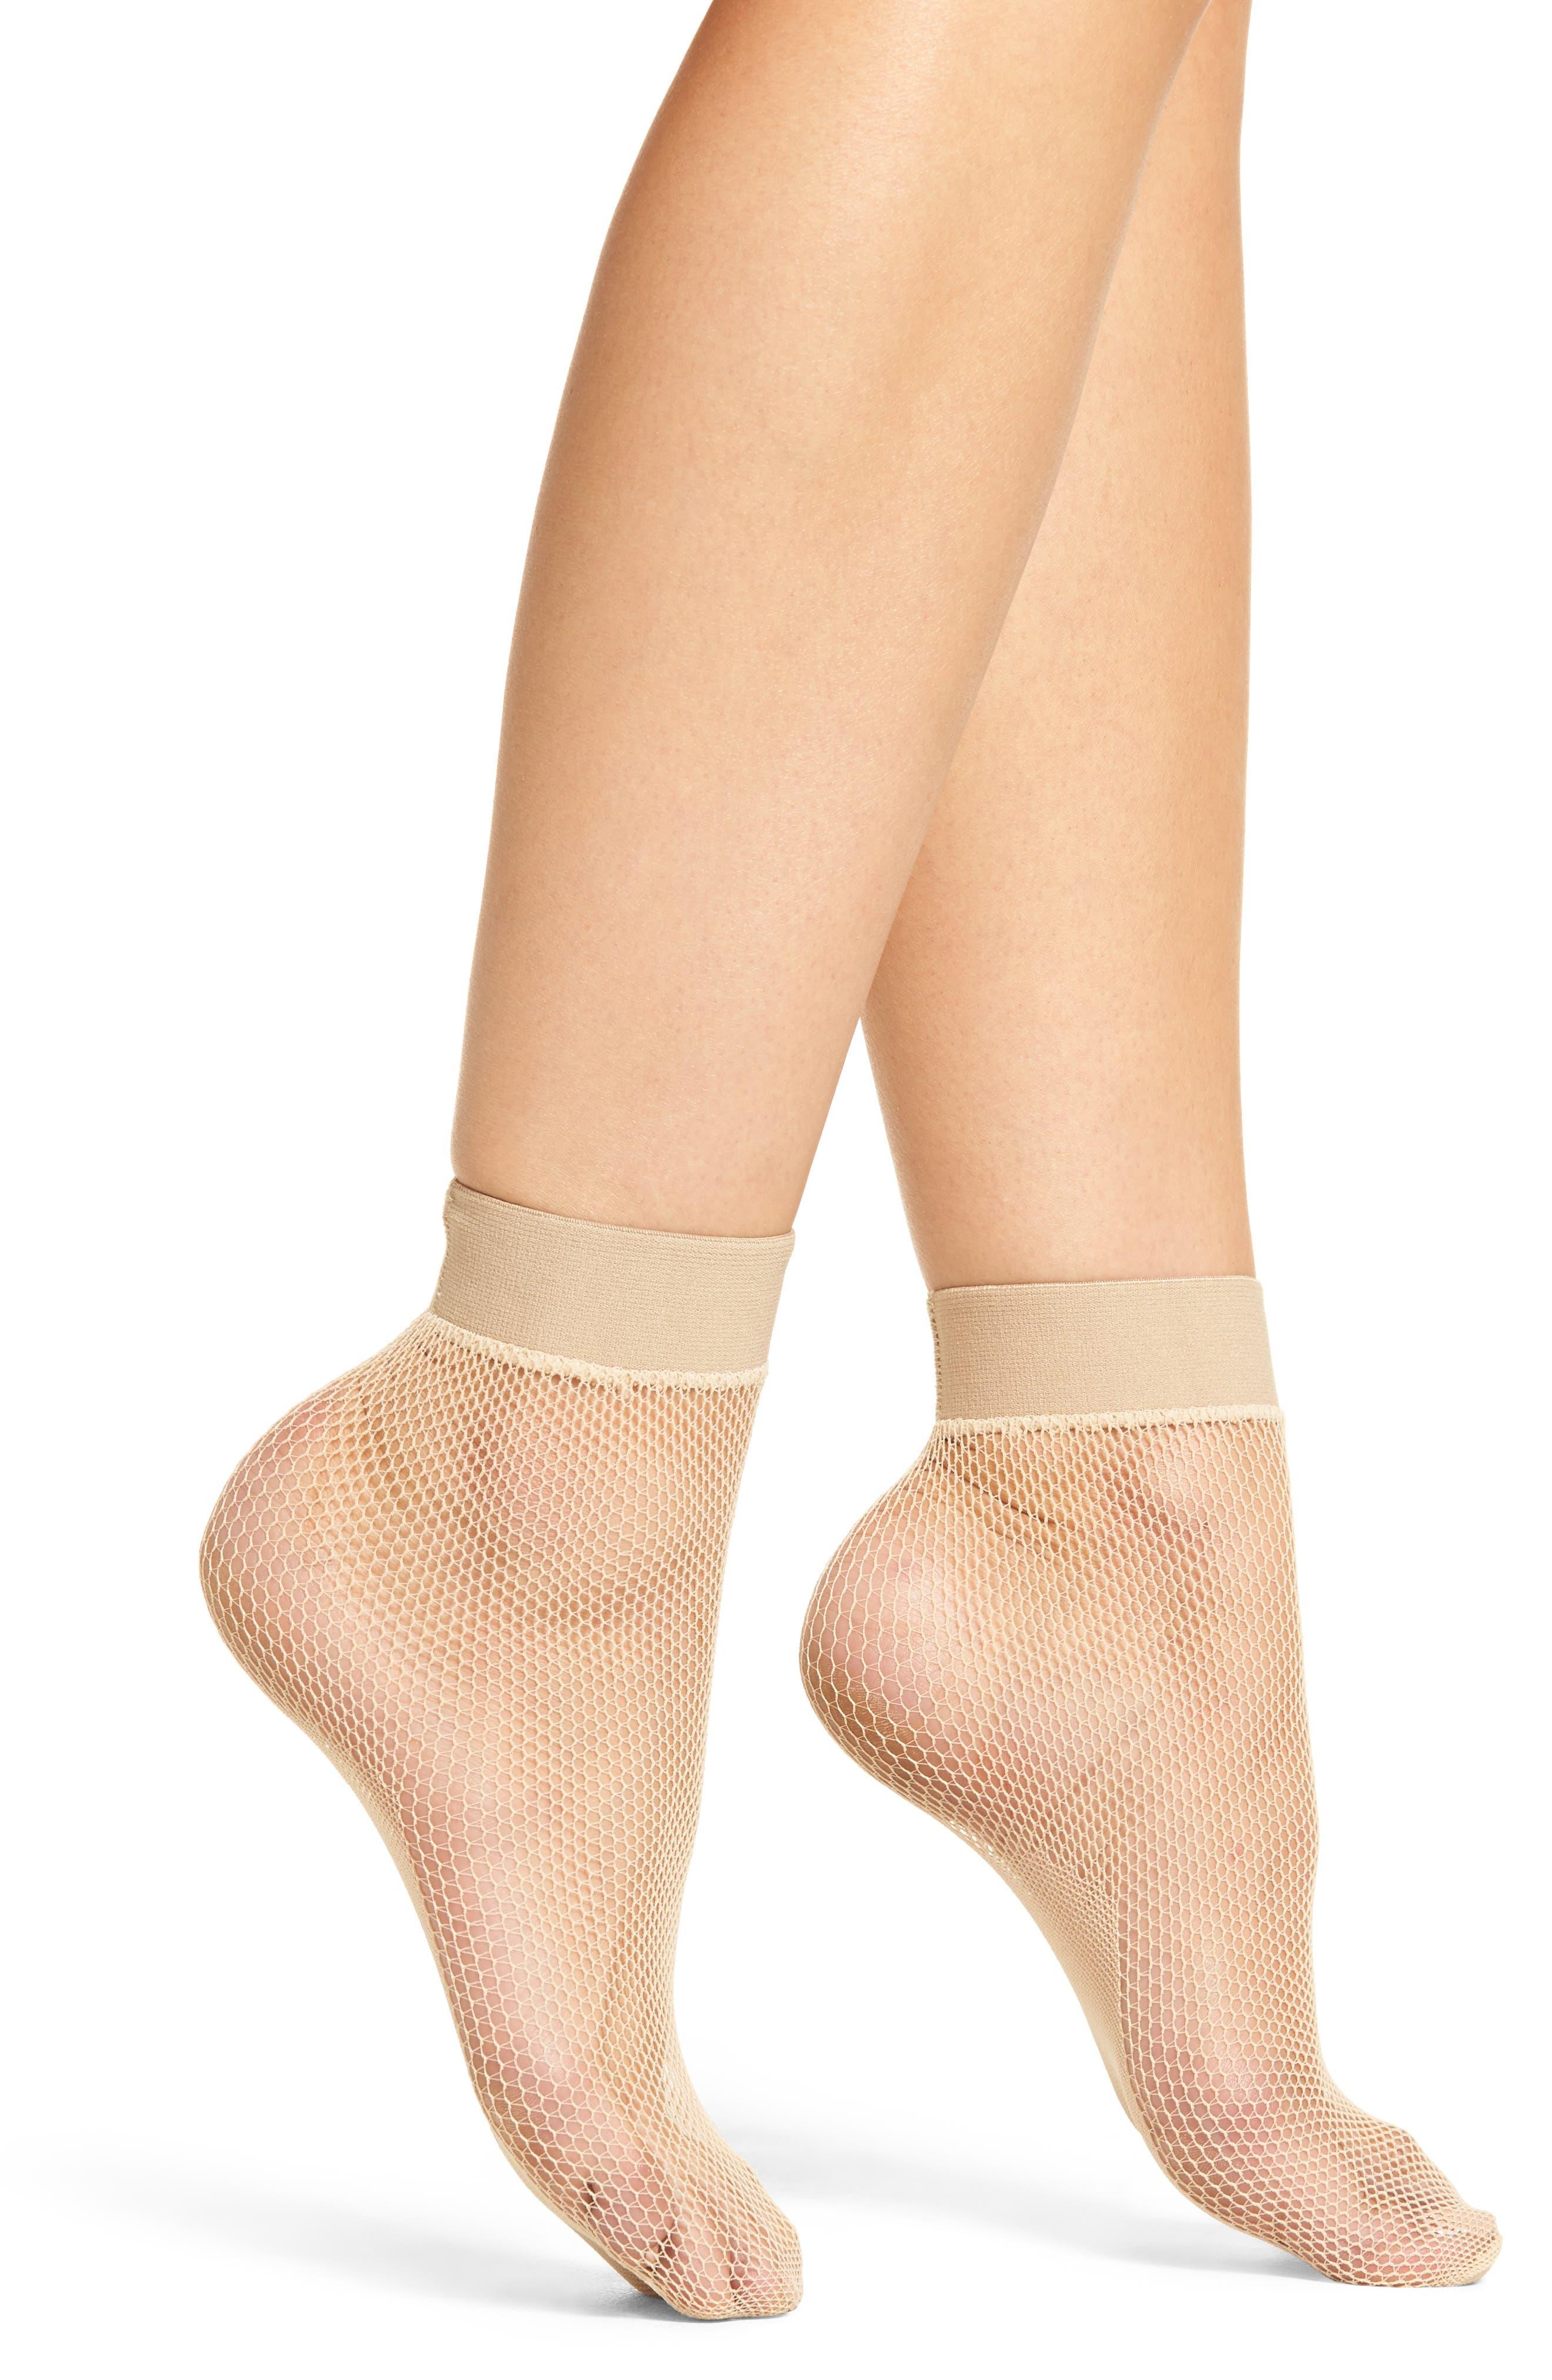 Alternate Image 1 Selected - Hue Fishnet Ankle Socks